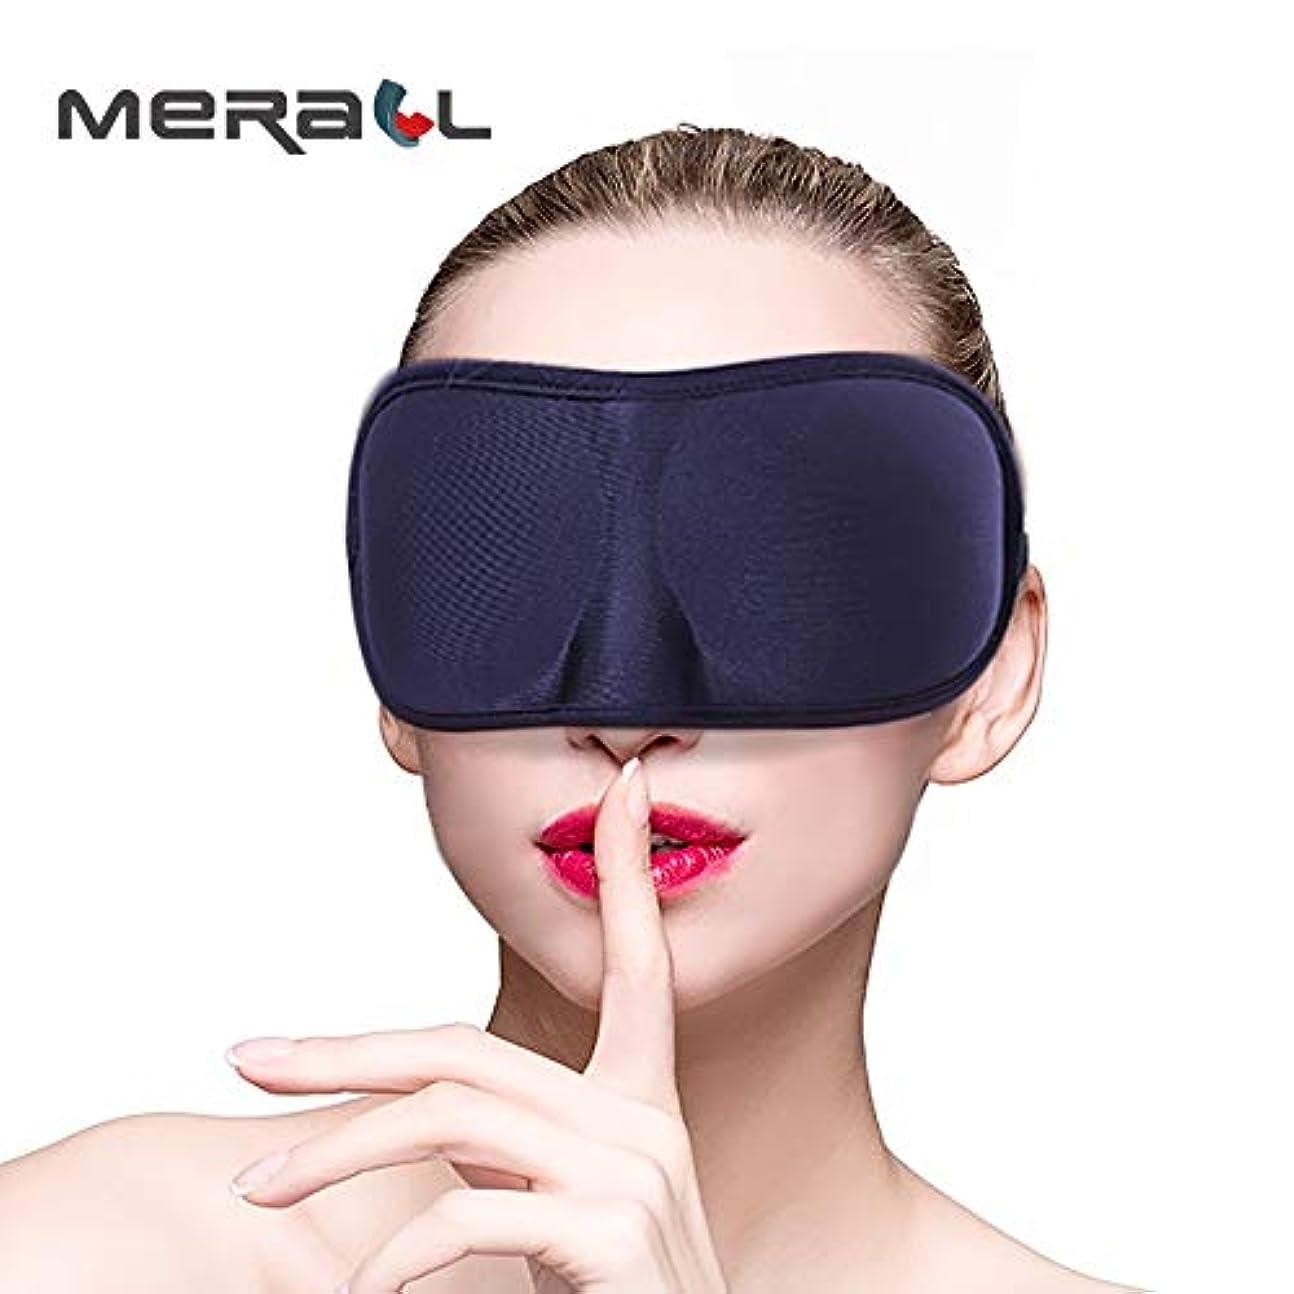 治世ひもモスクNOTE 3Dスリーピングアイマスクスリーピングエイドアイカバーパッチ目隠し用スリーピングソフトで快適なトラベルレストギフト用男性女性